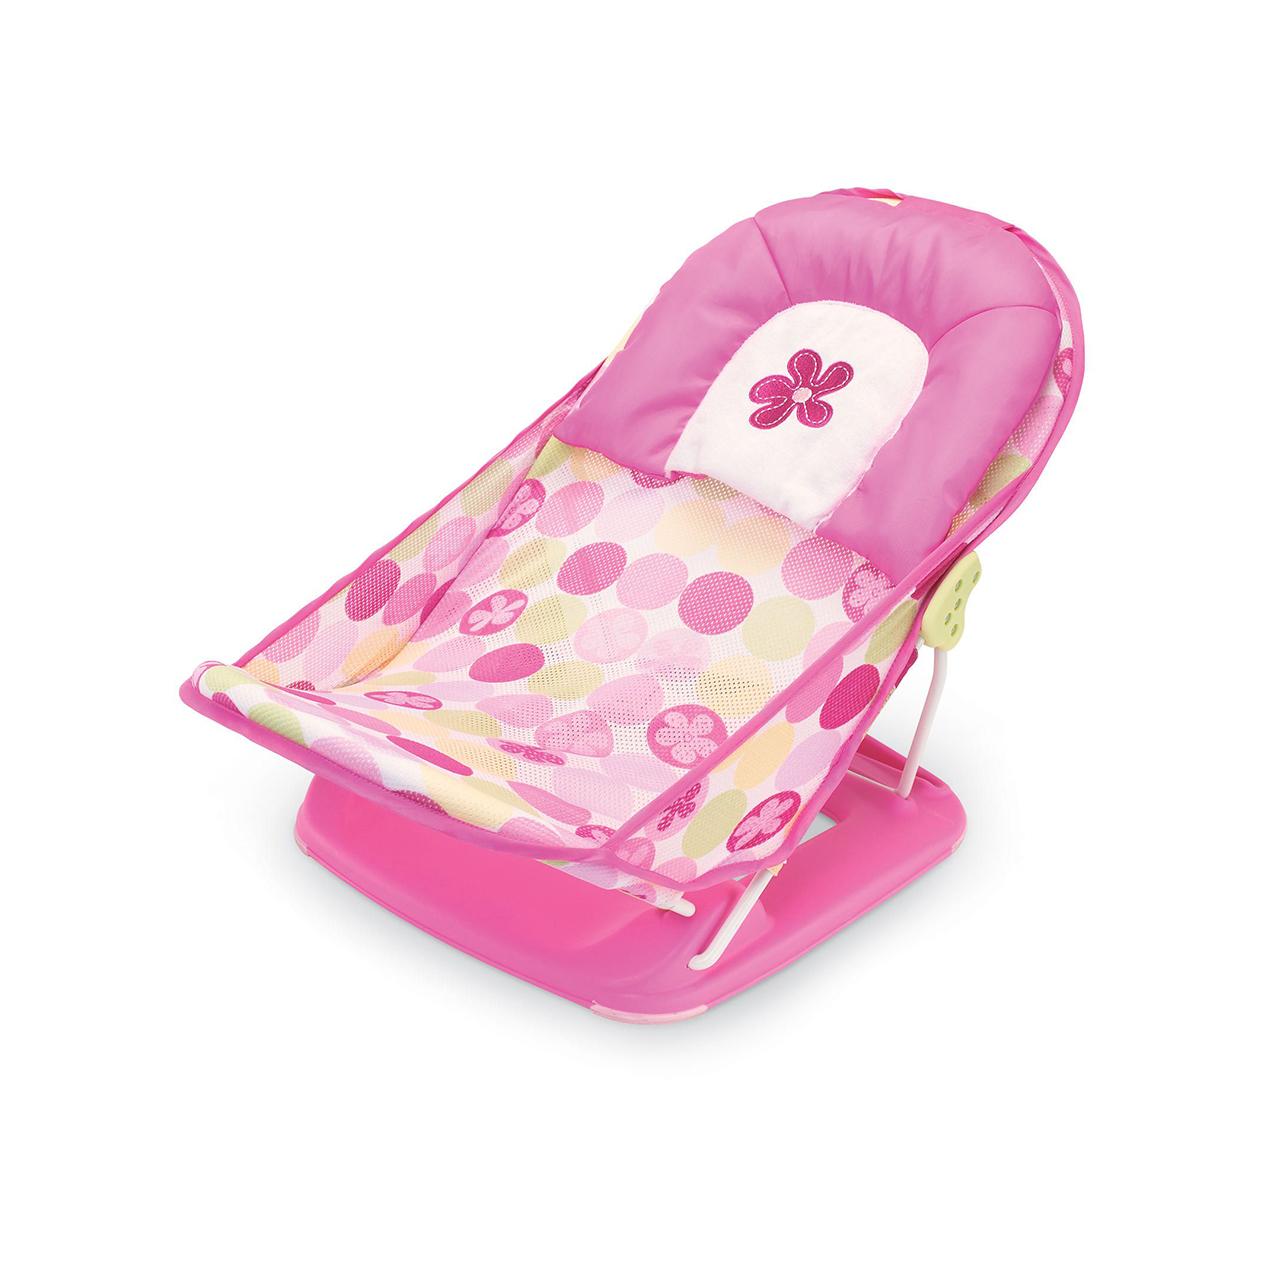 آسان شور کودک سامر مدل 4501